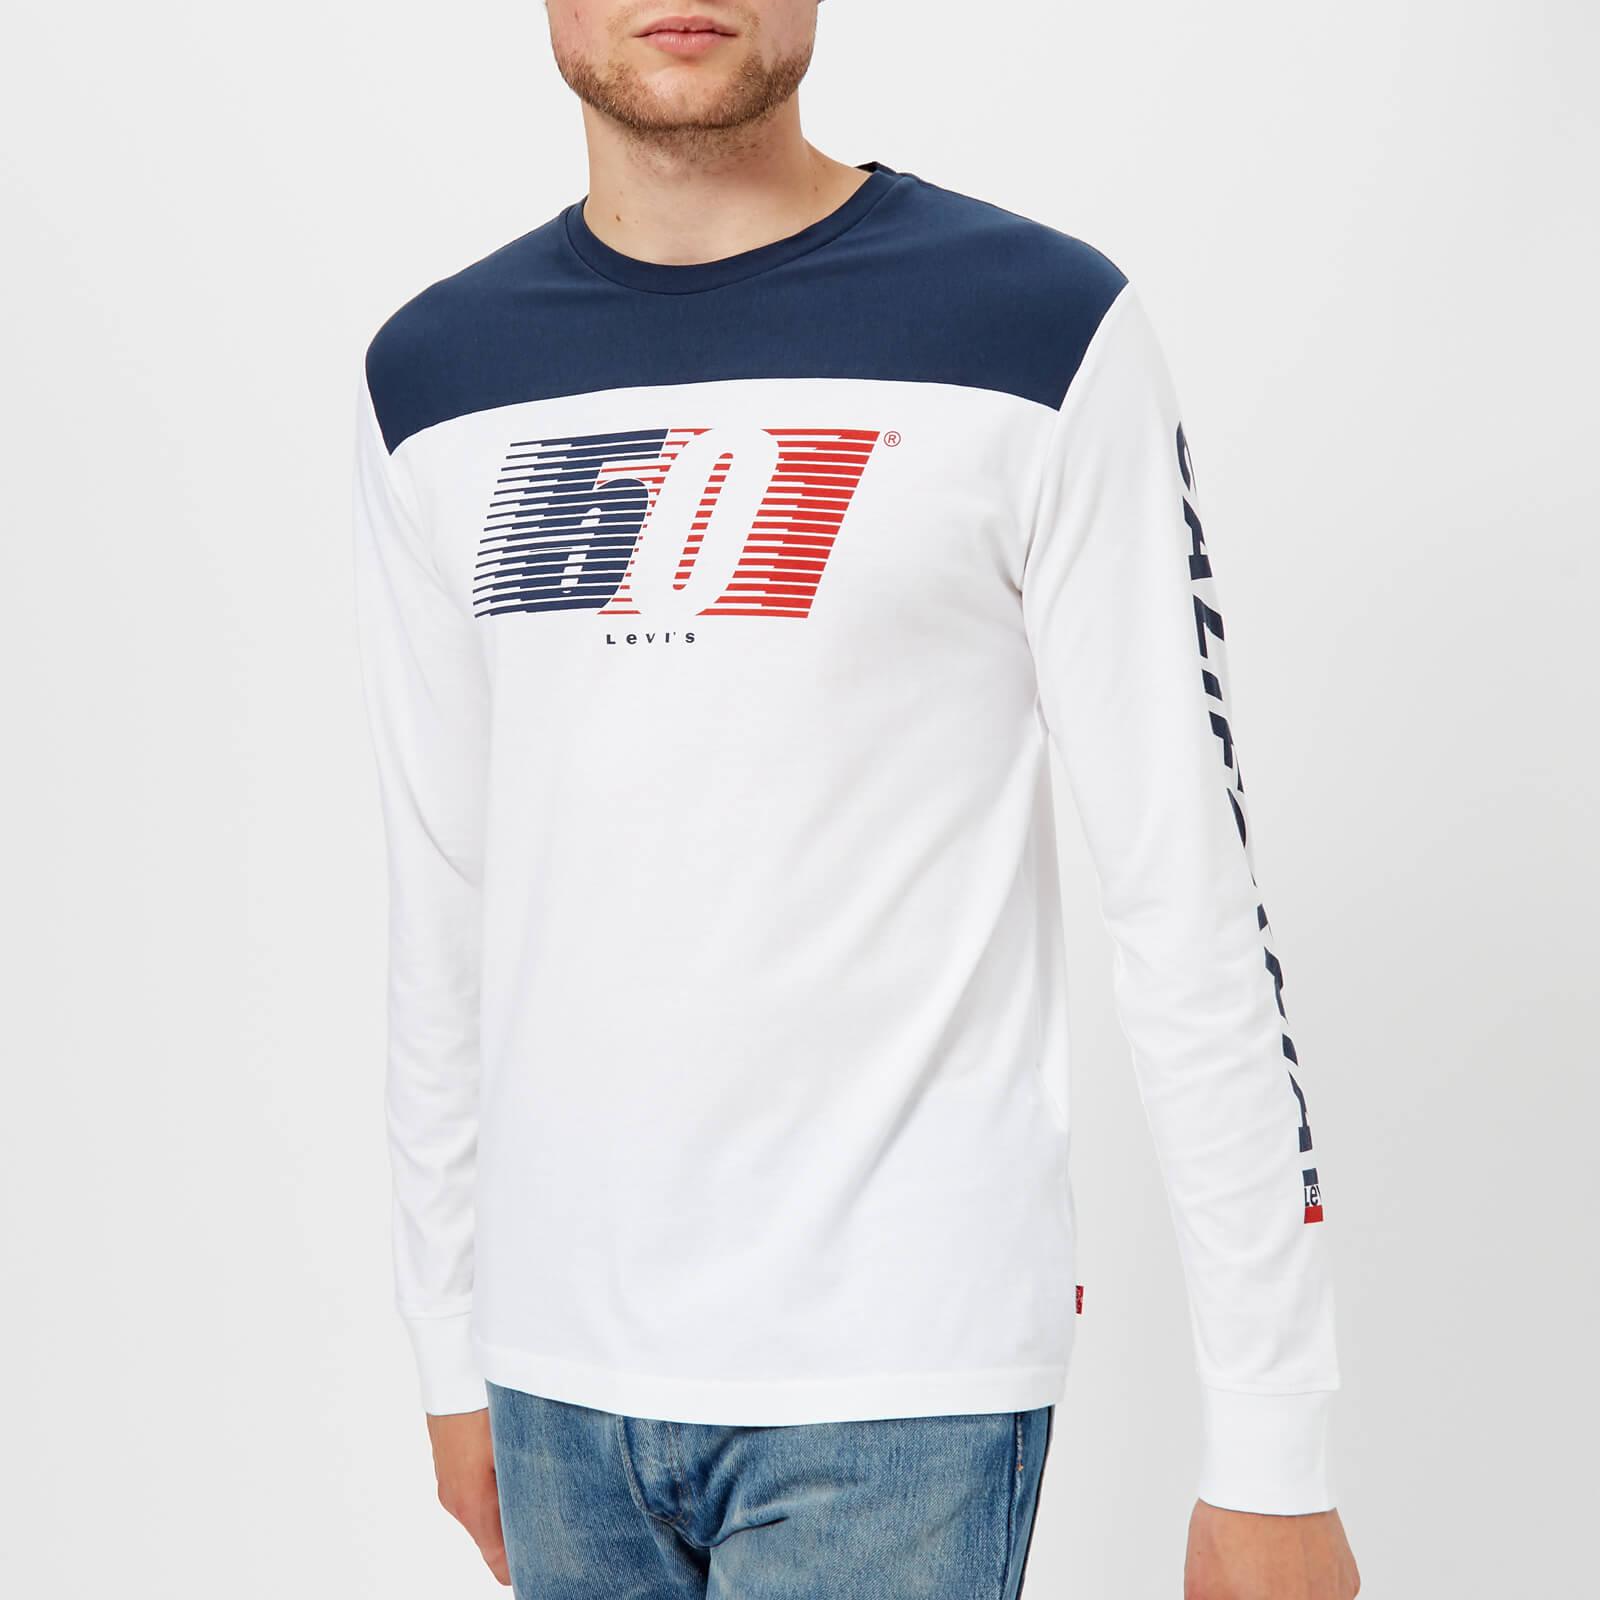 1386bce241e722 Levi's Men's Long Sleeve Graphic T-Shirt - White Clothing | TheHut.com